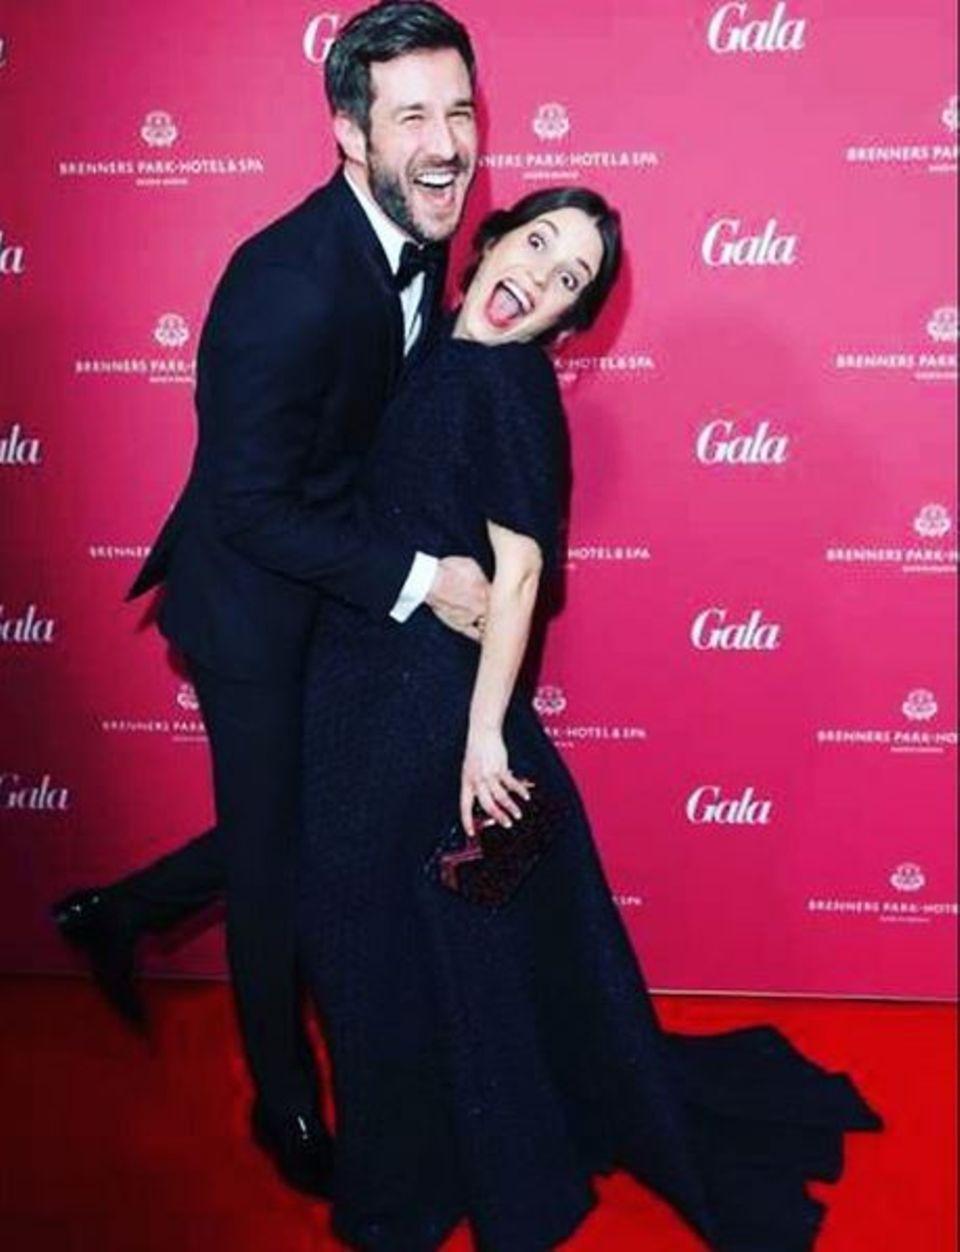 3. April 2016: Jochen Schropp mit Birthe Wolter tanzten erst über den roten Teppich und rockten anschließend die After-Show-Party.